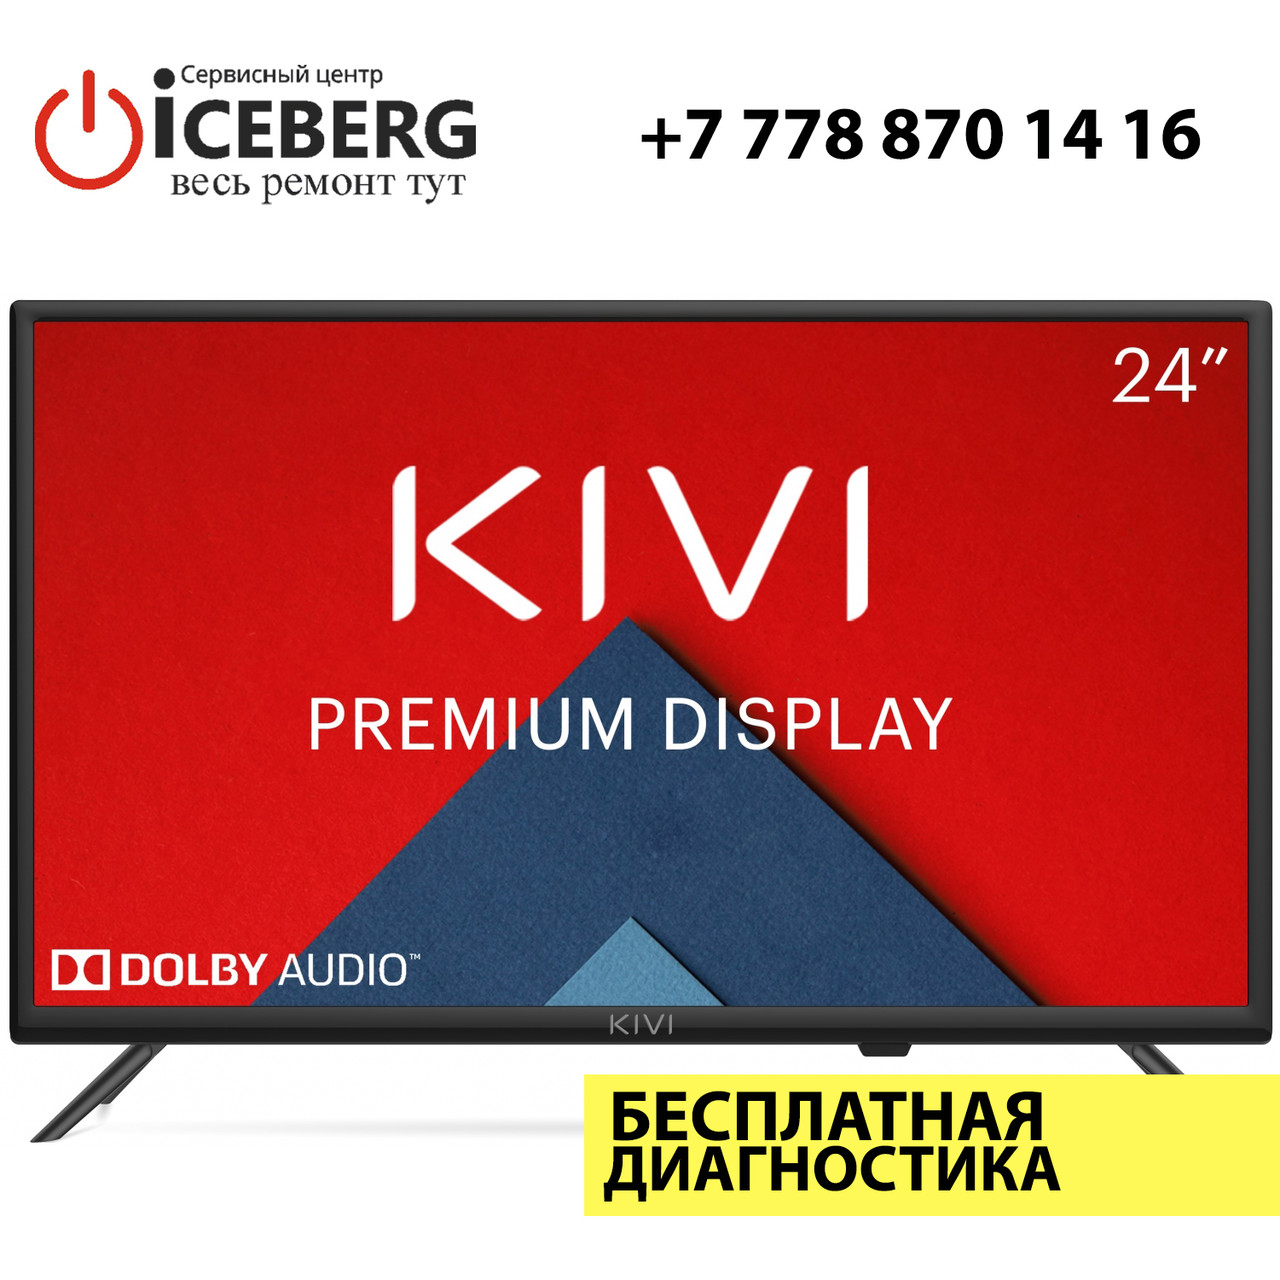 Ремонт телевизоров Kivi